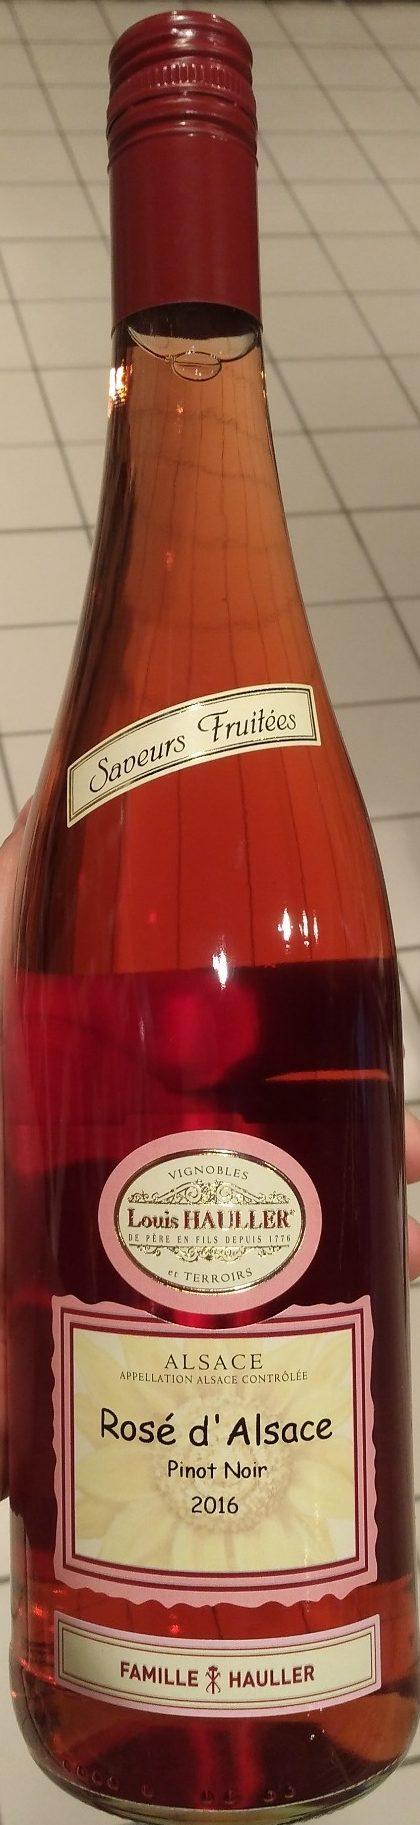 Rosé d'Alsace Pinot Noir 2016 - Produit - fr